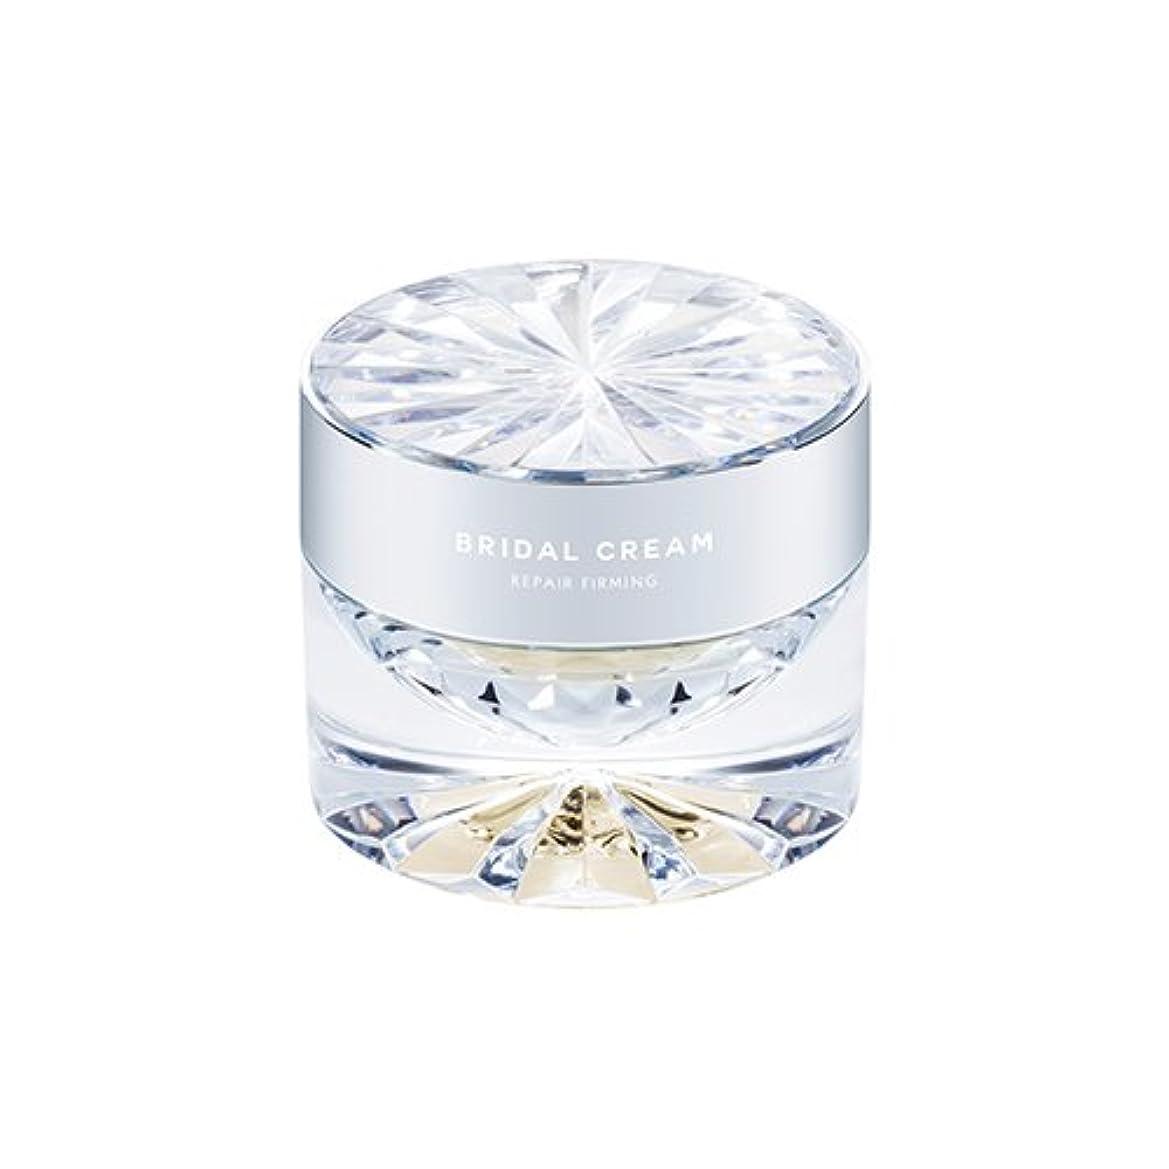 正午スタジオラリーベルモントMISSHA Time Revolution Bridal Cream 50ml/ミシャ タイム レボリューション ブライダル クリーム 50ml (#Repair Firming) [並行輸入品]